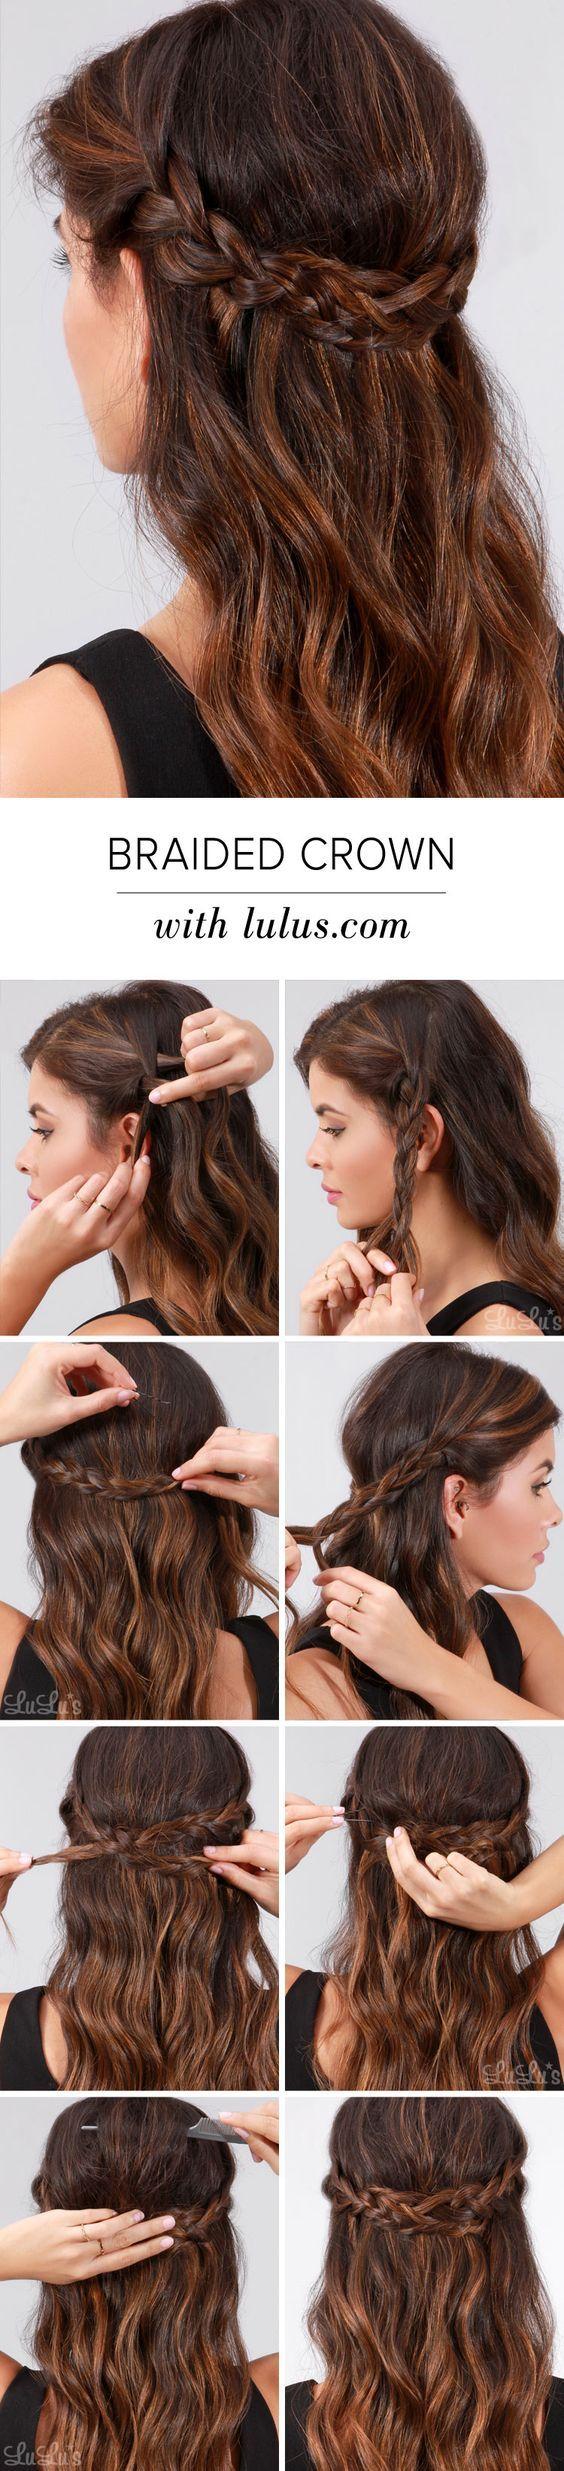 step by step hair tutorial 43